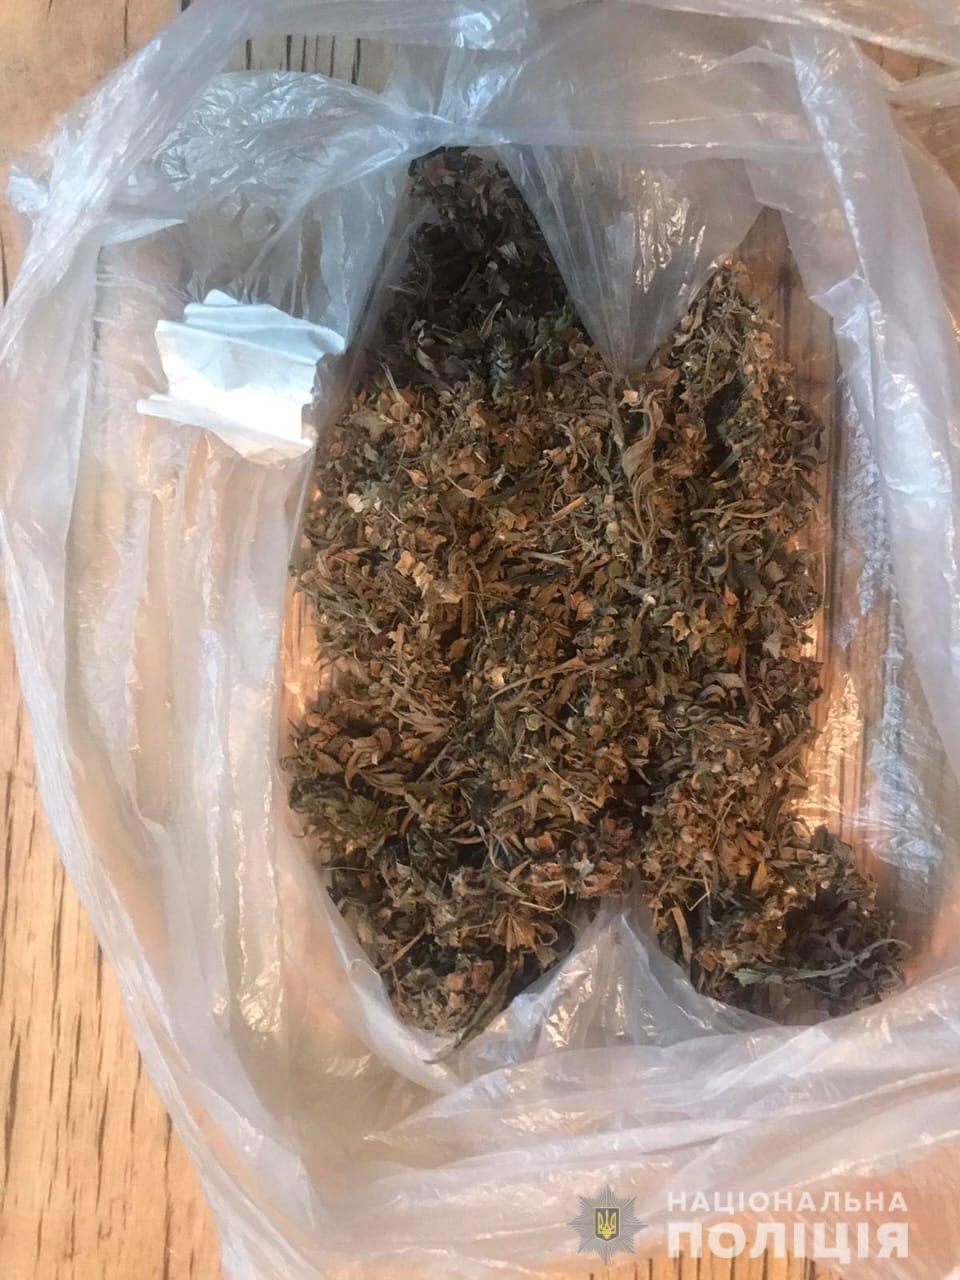 Харьковчанин признался, что найденные у него дома растения - каннабис